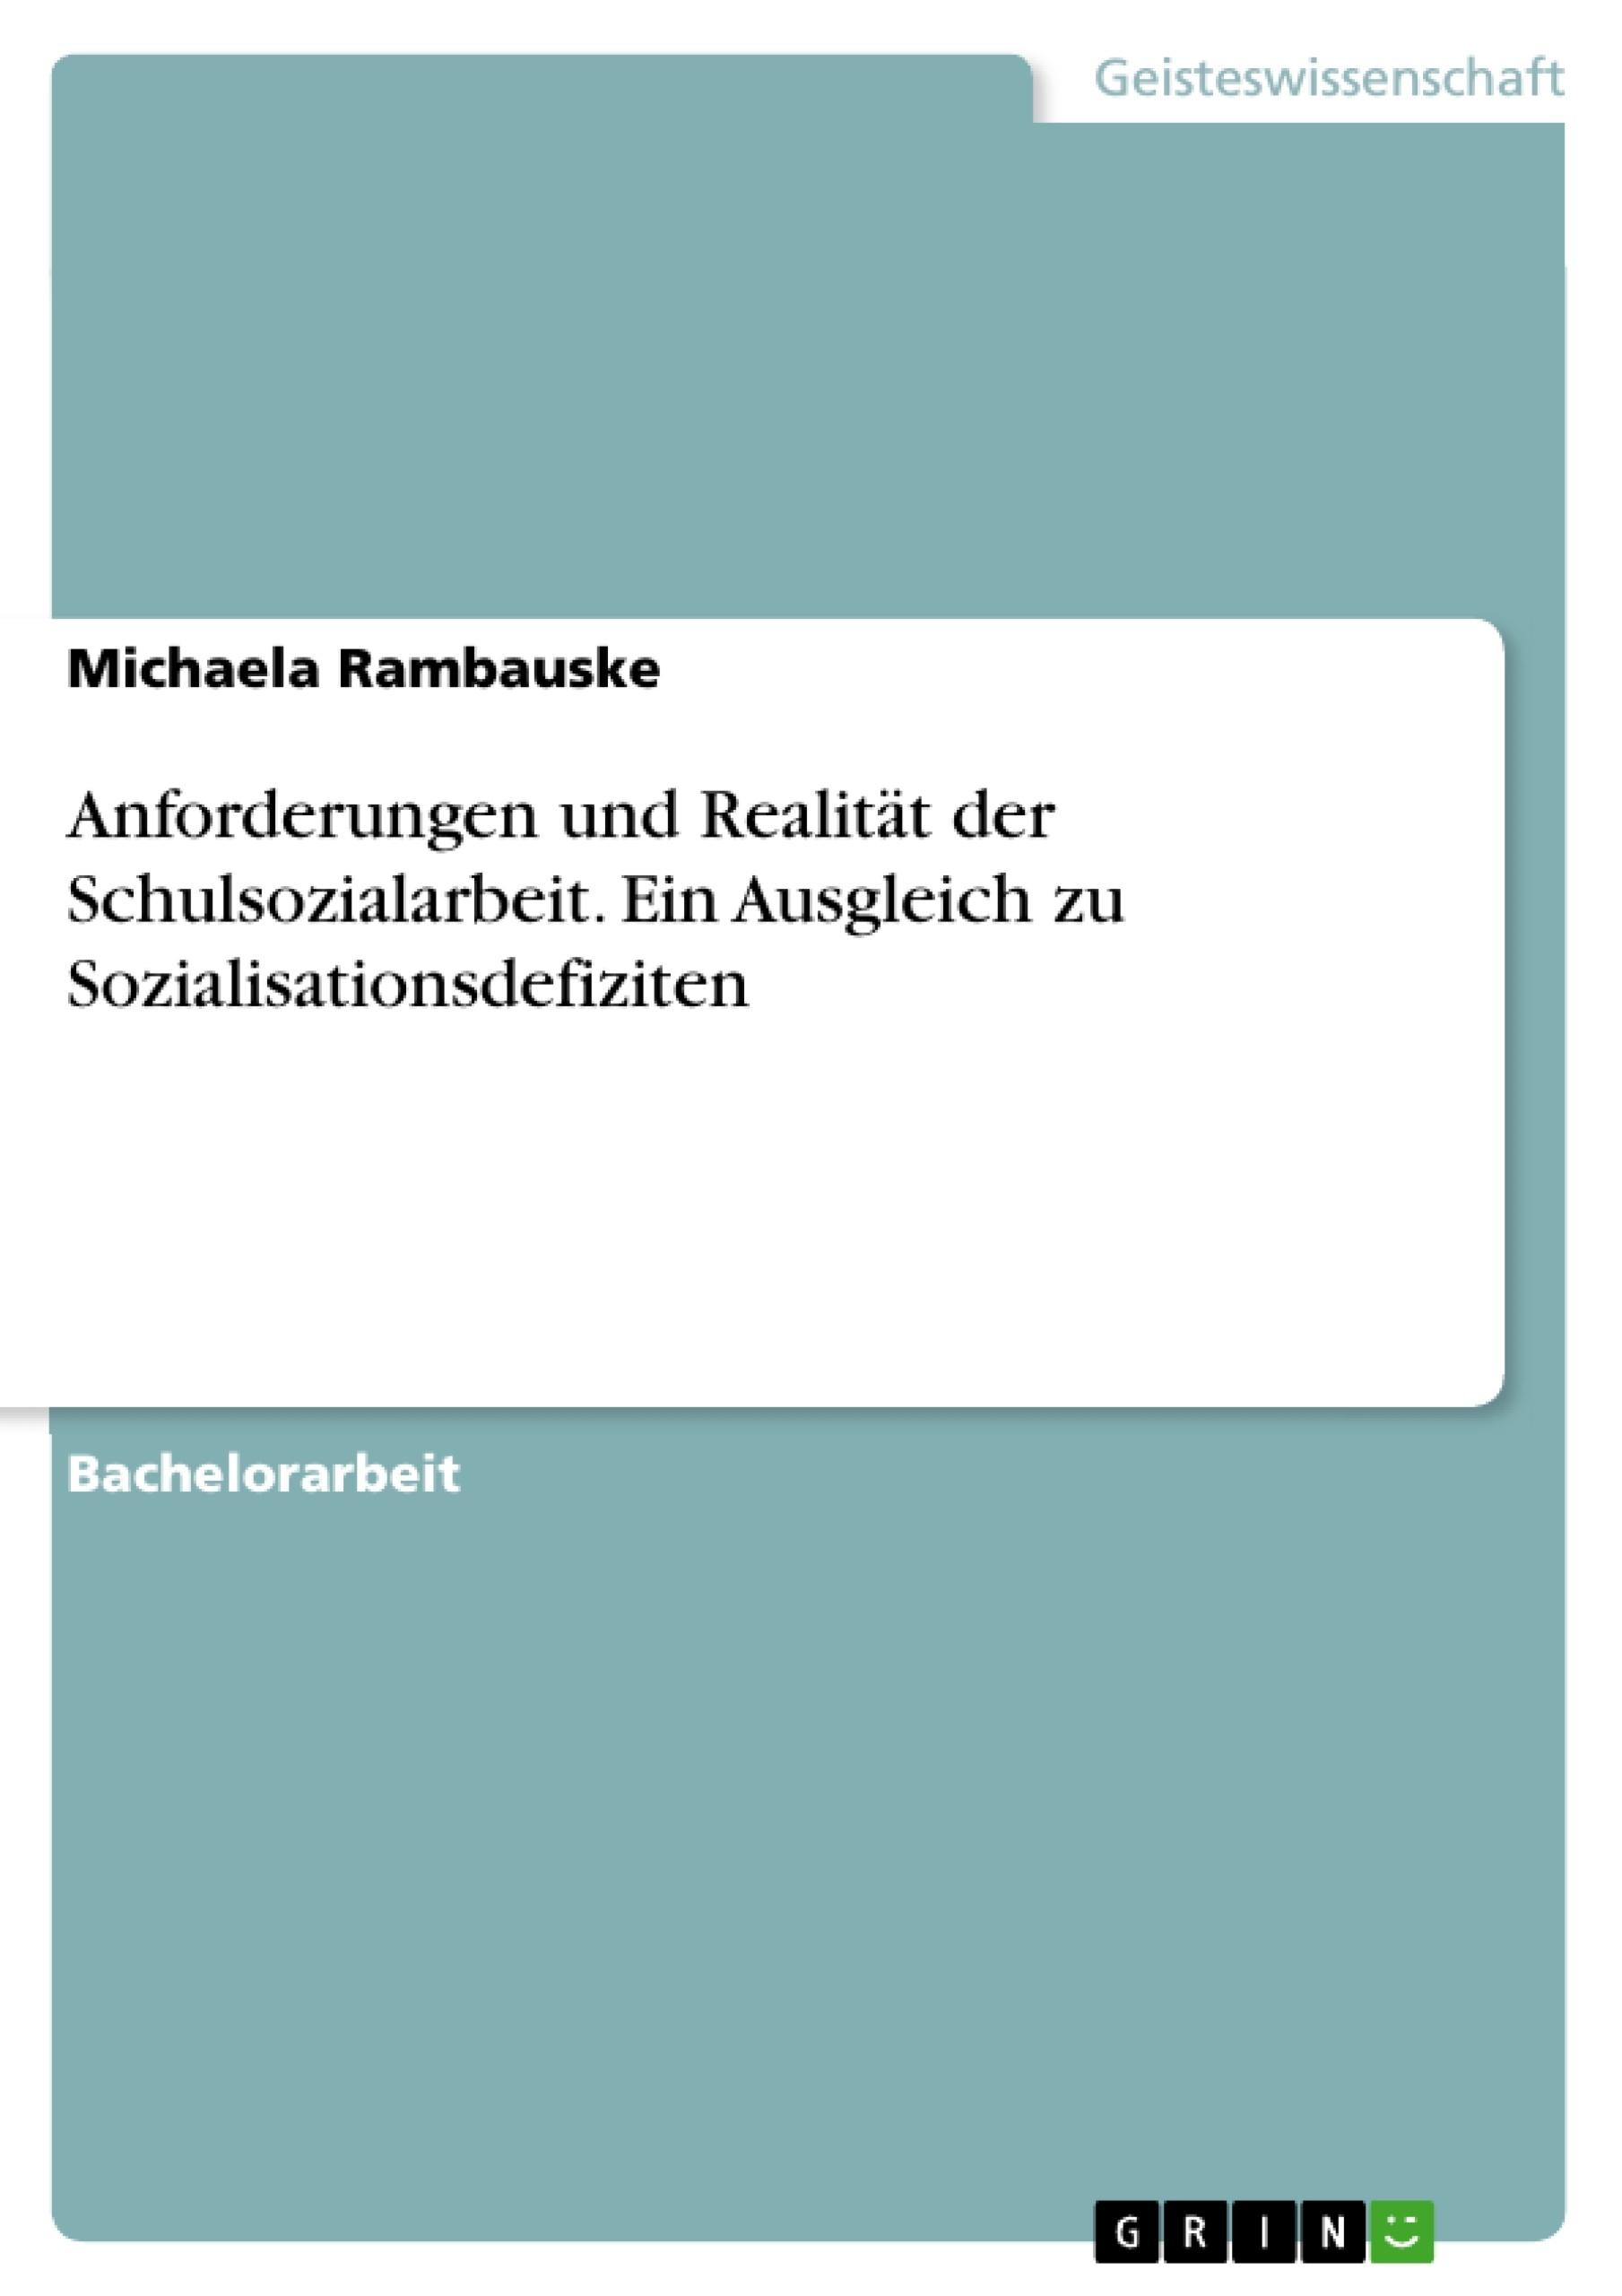 Titel: Anforderungen und Realität der Schulsozialarbeit. Ein Ausgleich zu Sozialisationsdefiziten